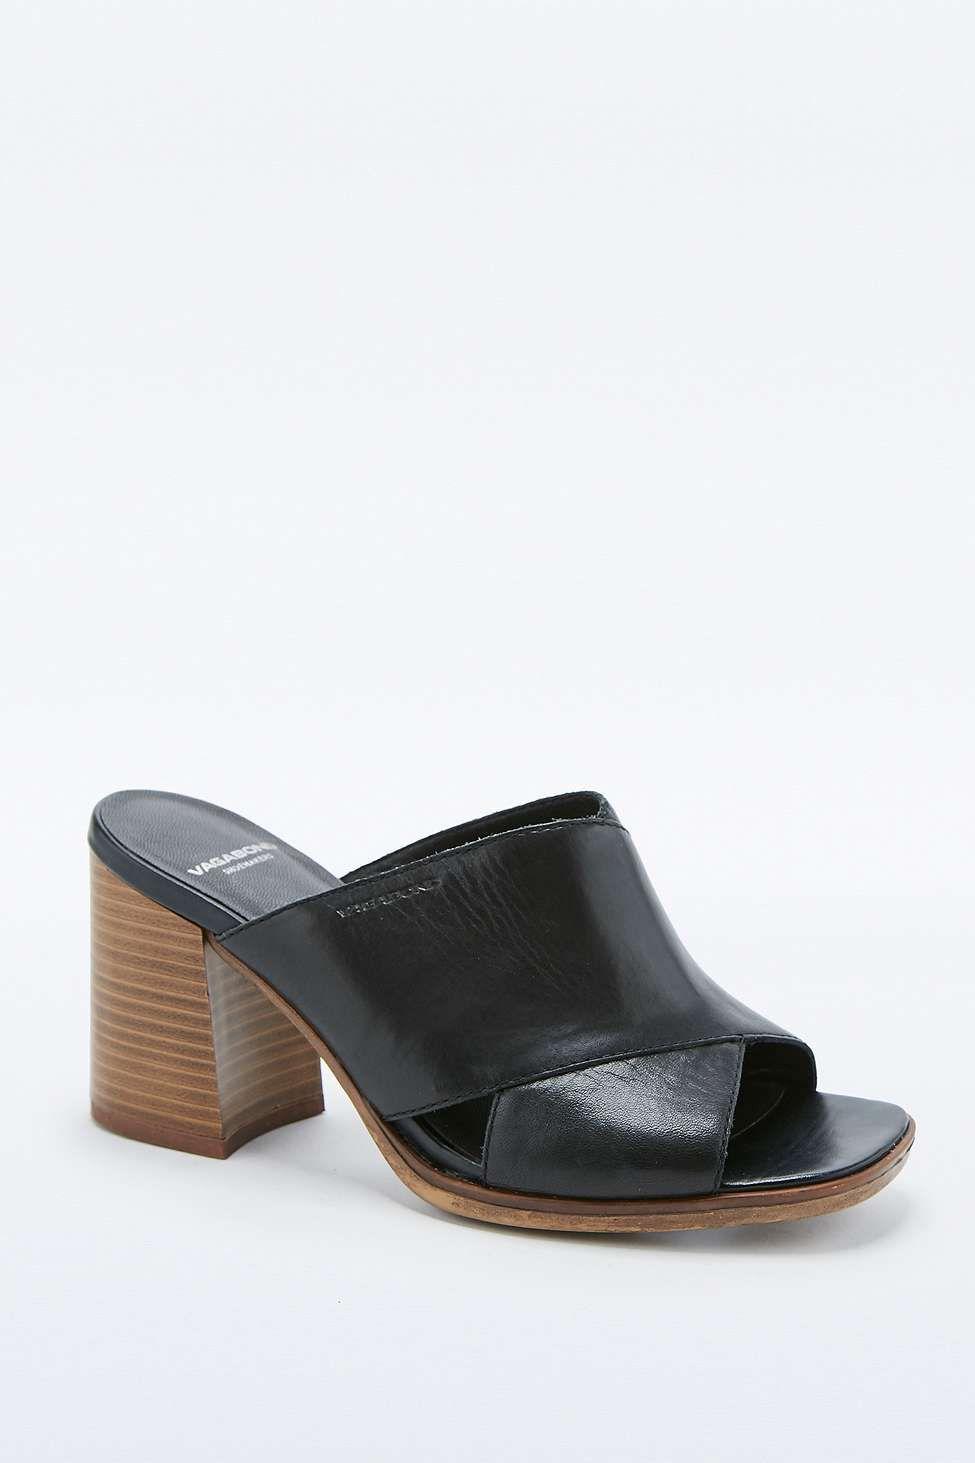 Vagabond Lea Black Heel Crossover Mules   Black heels, Gov t mule ... fd83a378f3